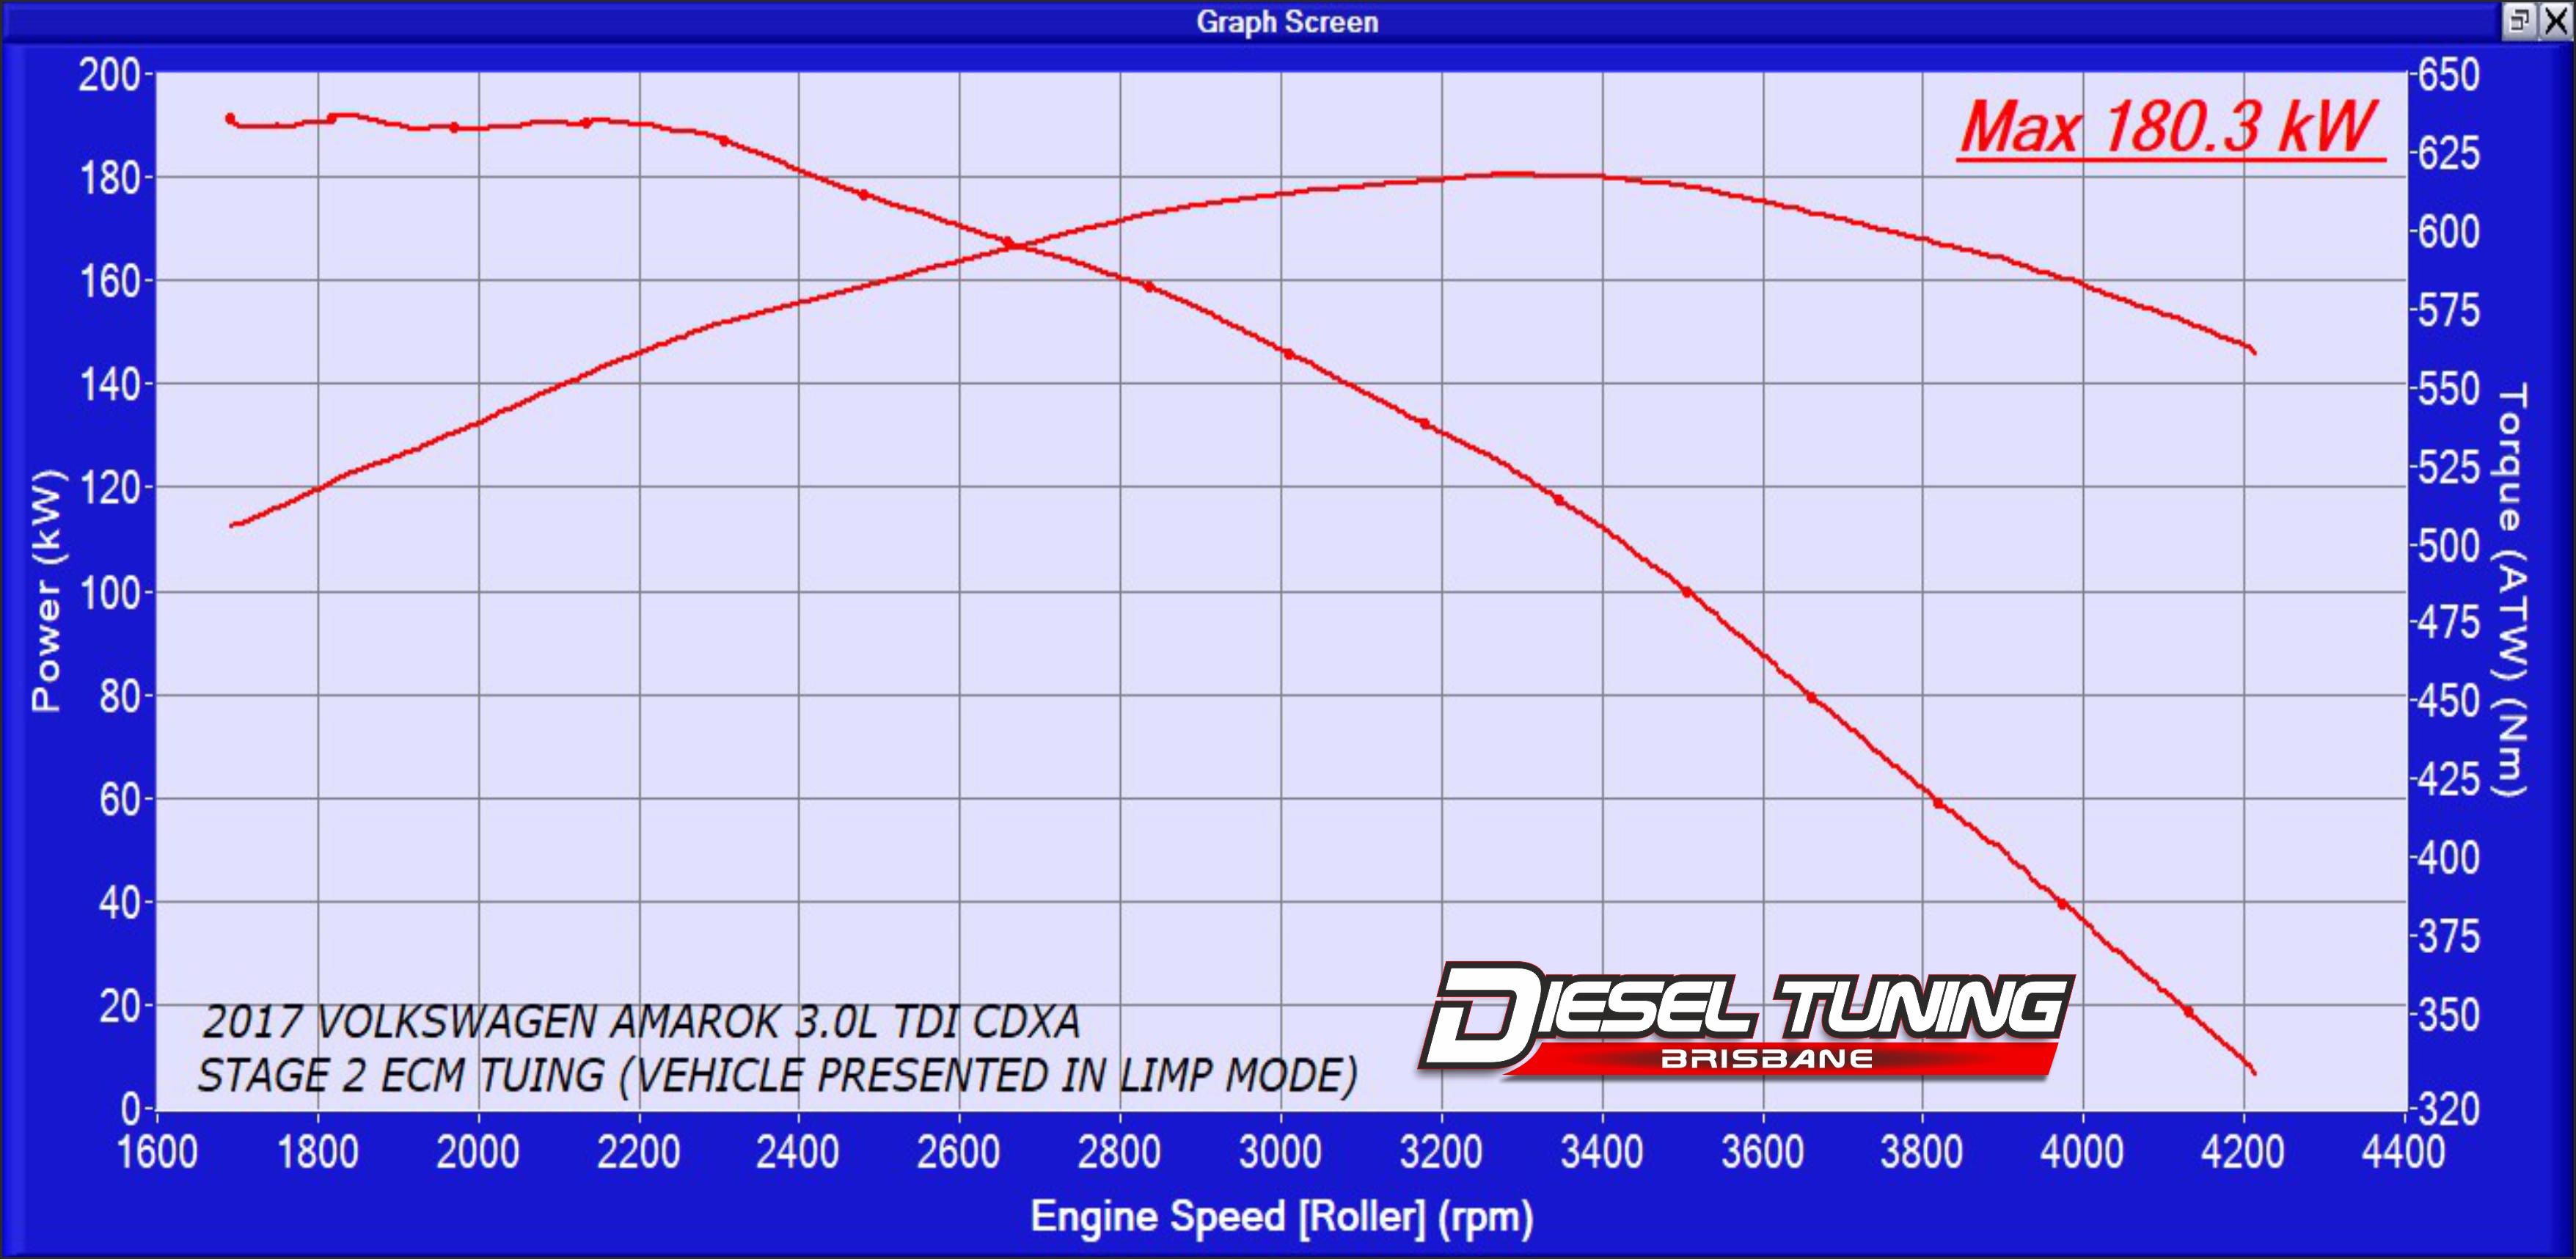 Volkswagen Amrok 3.0L TDI ECU Remap Diesel Tuning Brisbane